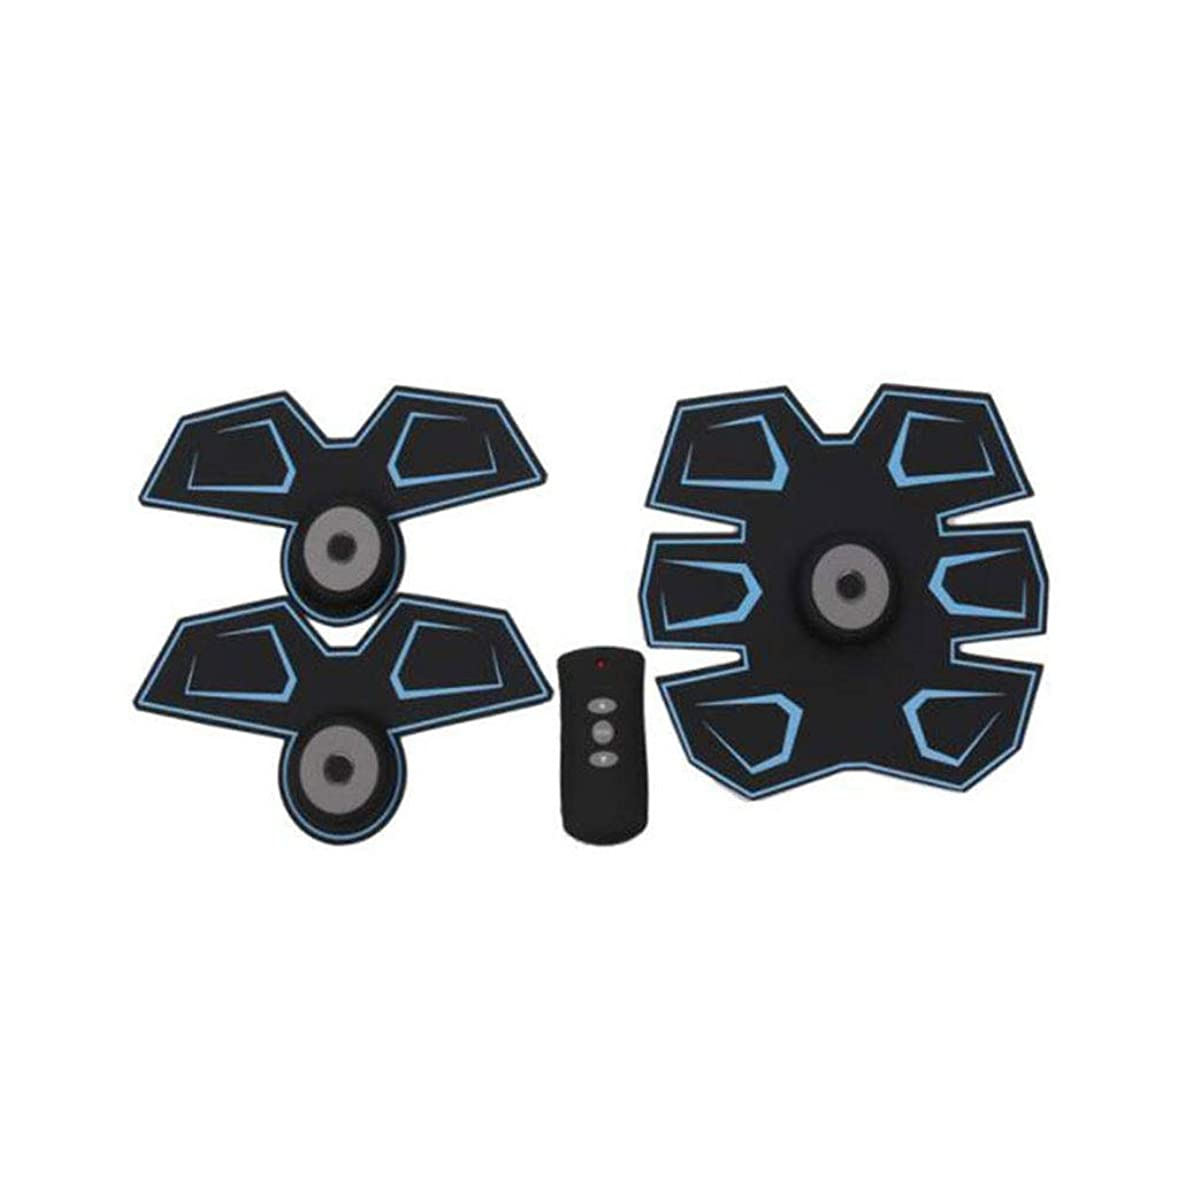 おもしろい叫ぶ尊厳GWM 腹部マッサージャー筋肉フィットネス装置、腹部電気刺激装置EMS腹部トレーナー、ワイヤレス電子フィットネスマッサージャーセット腹部腕脚ユニセックス(青)